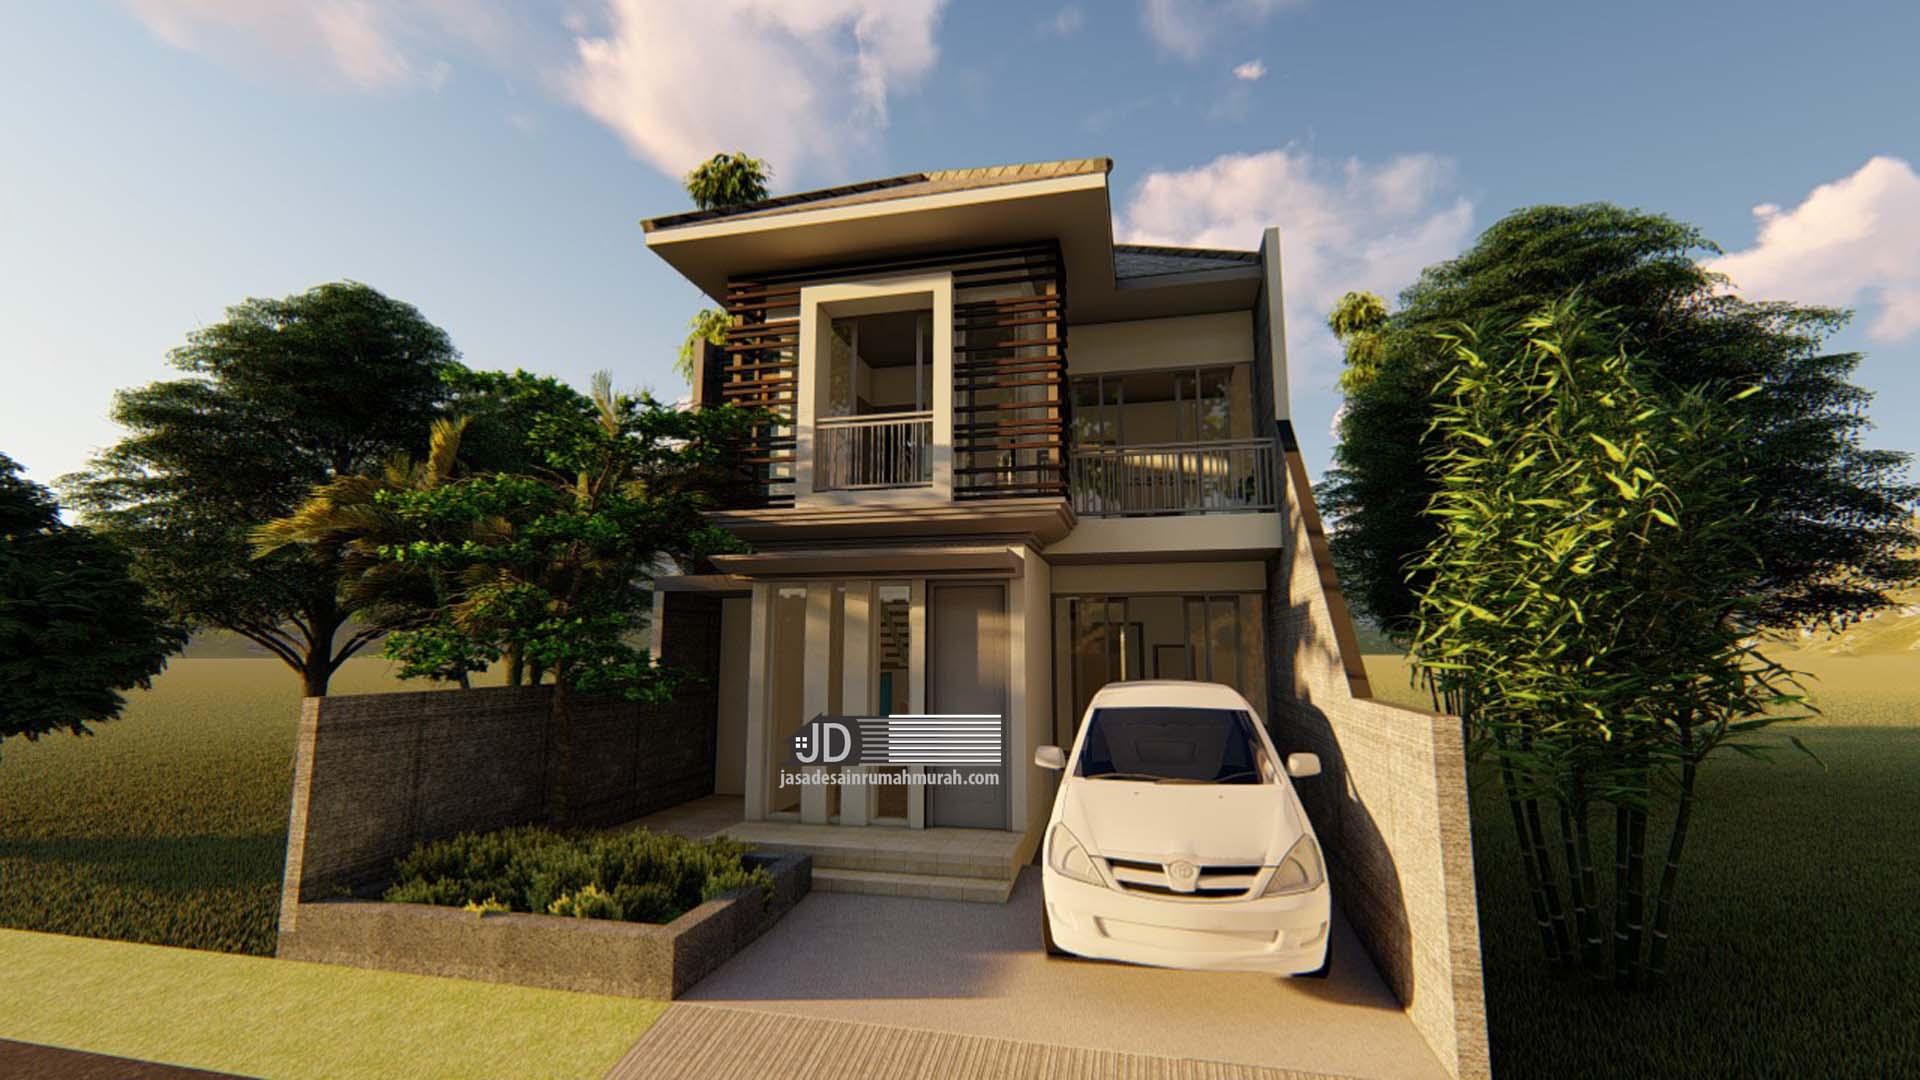 56 Gambar Desain Rumah Modern Kontemporer terbaik